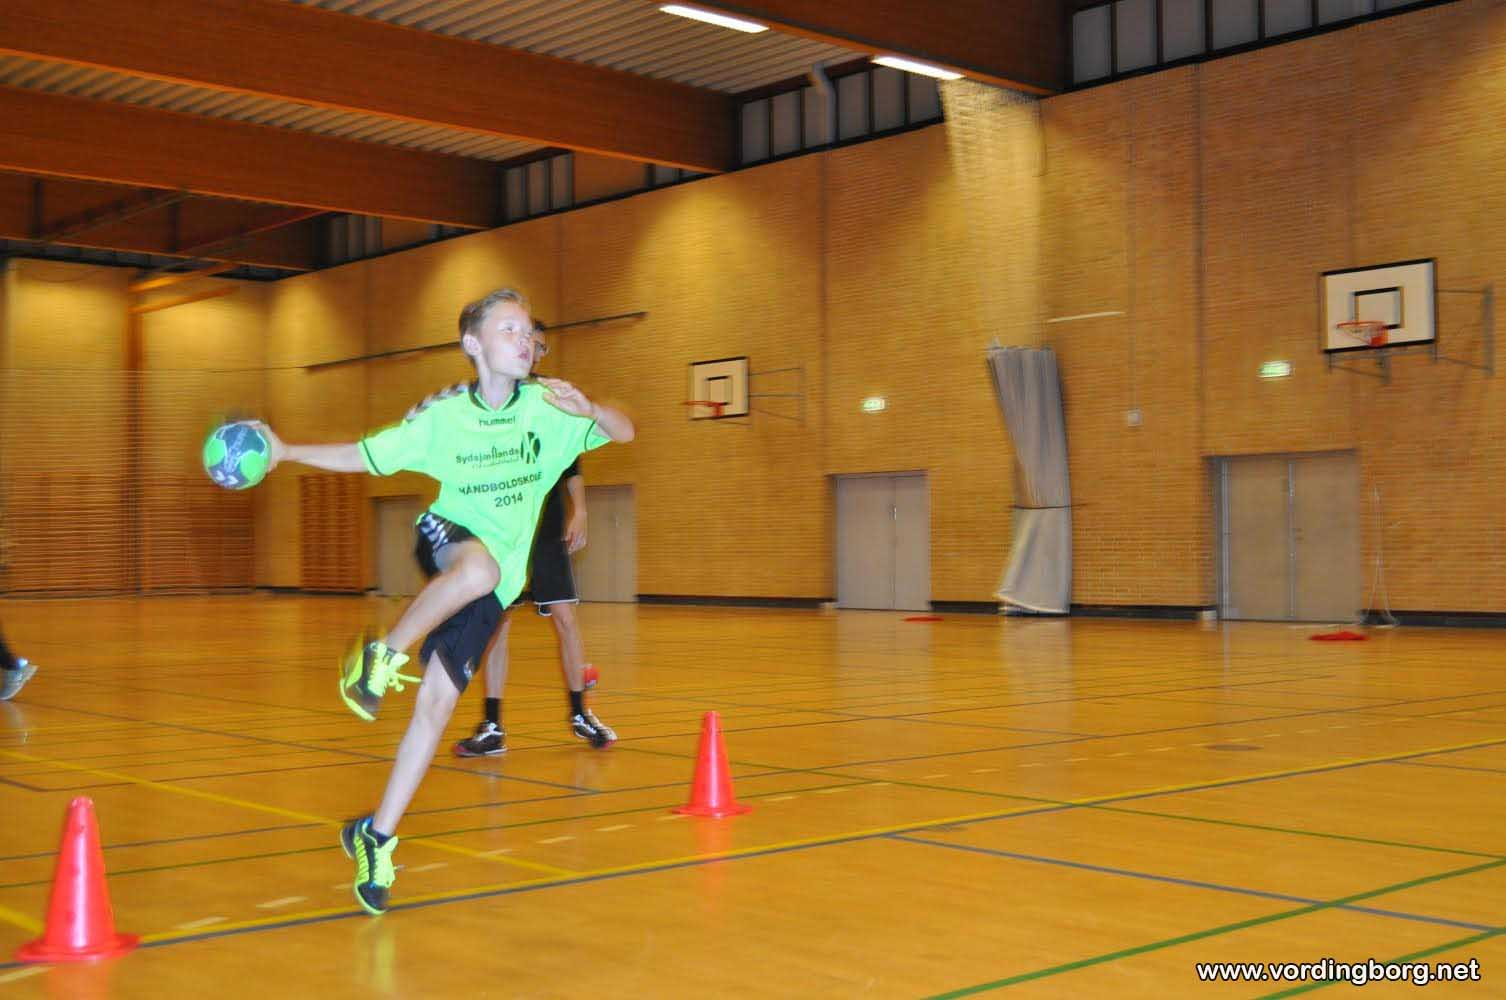 Sydsjællands Håndboldklub`s Håndboldskole 2014